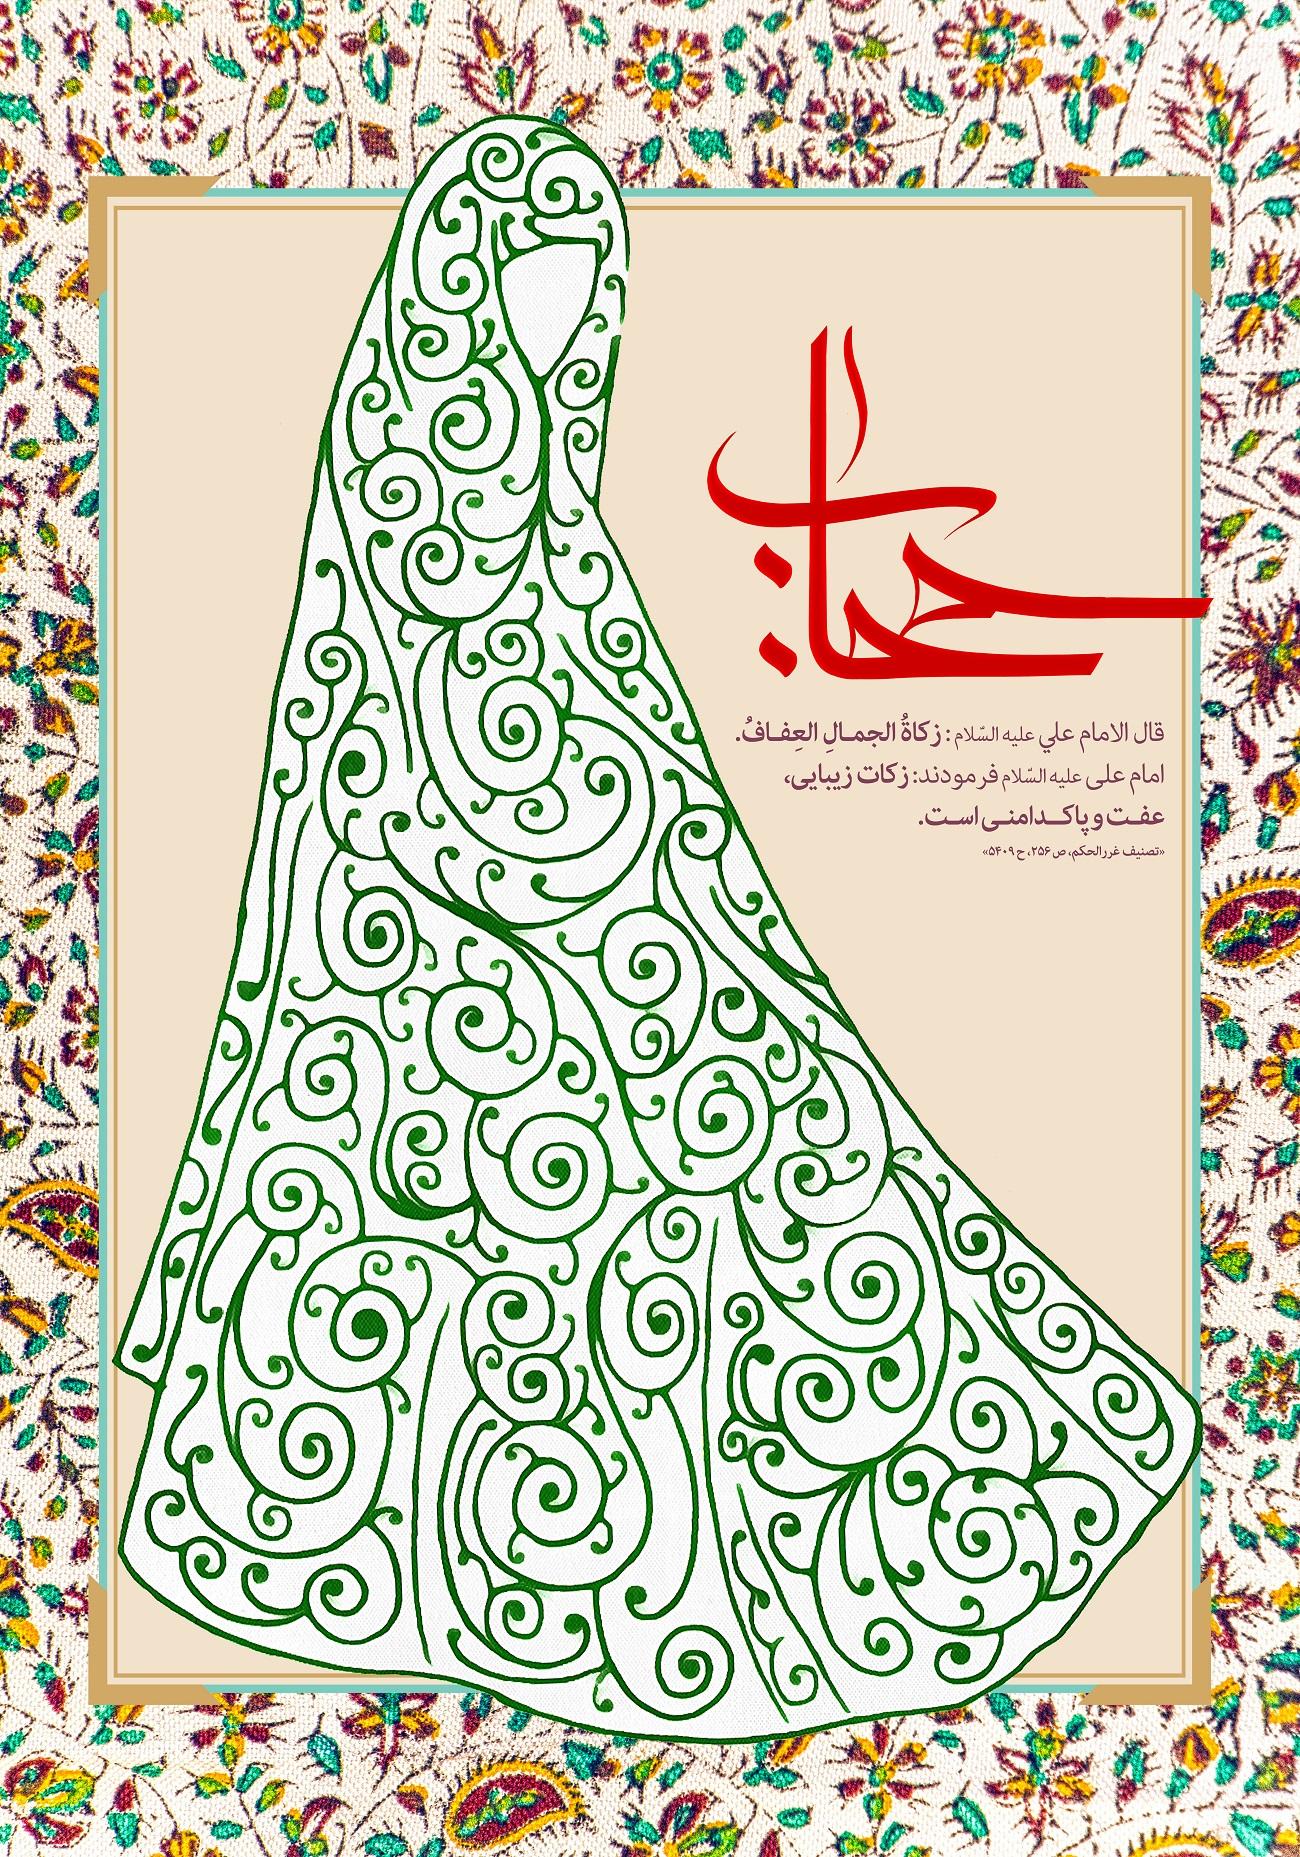 پوستر حجاب به مناسبت هفته حجاب و عفاف